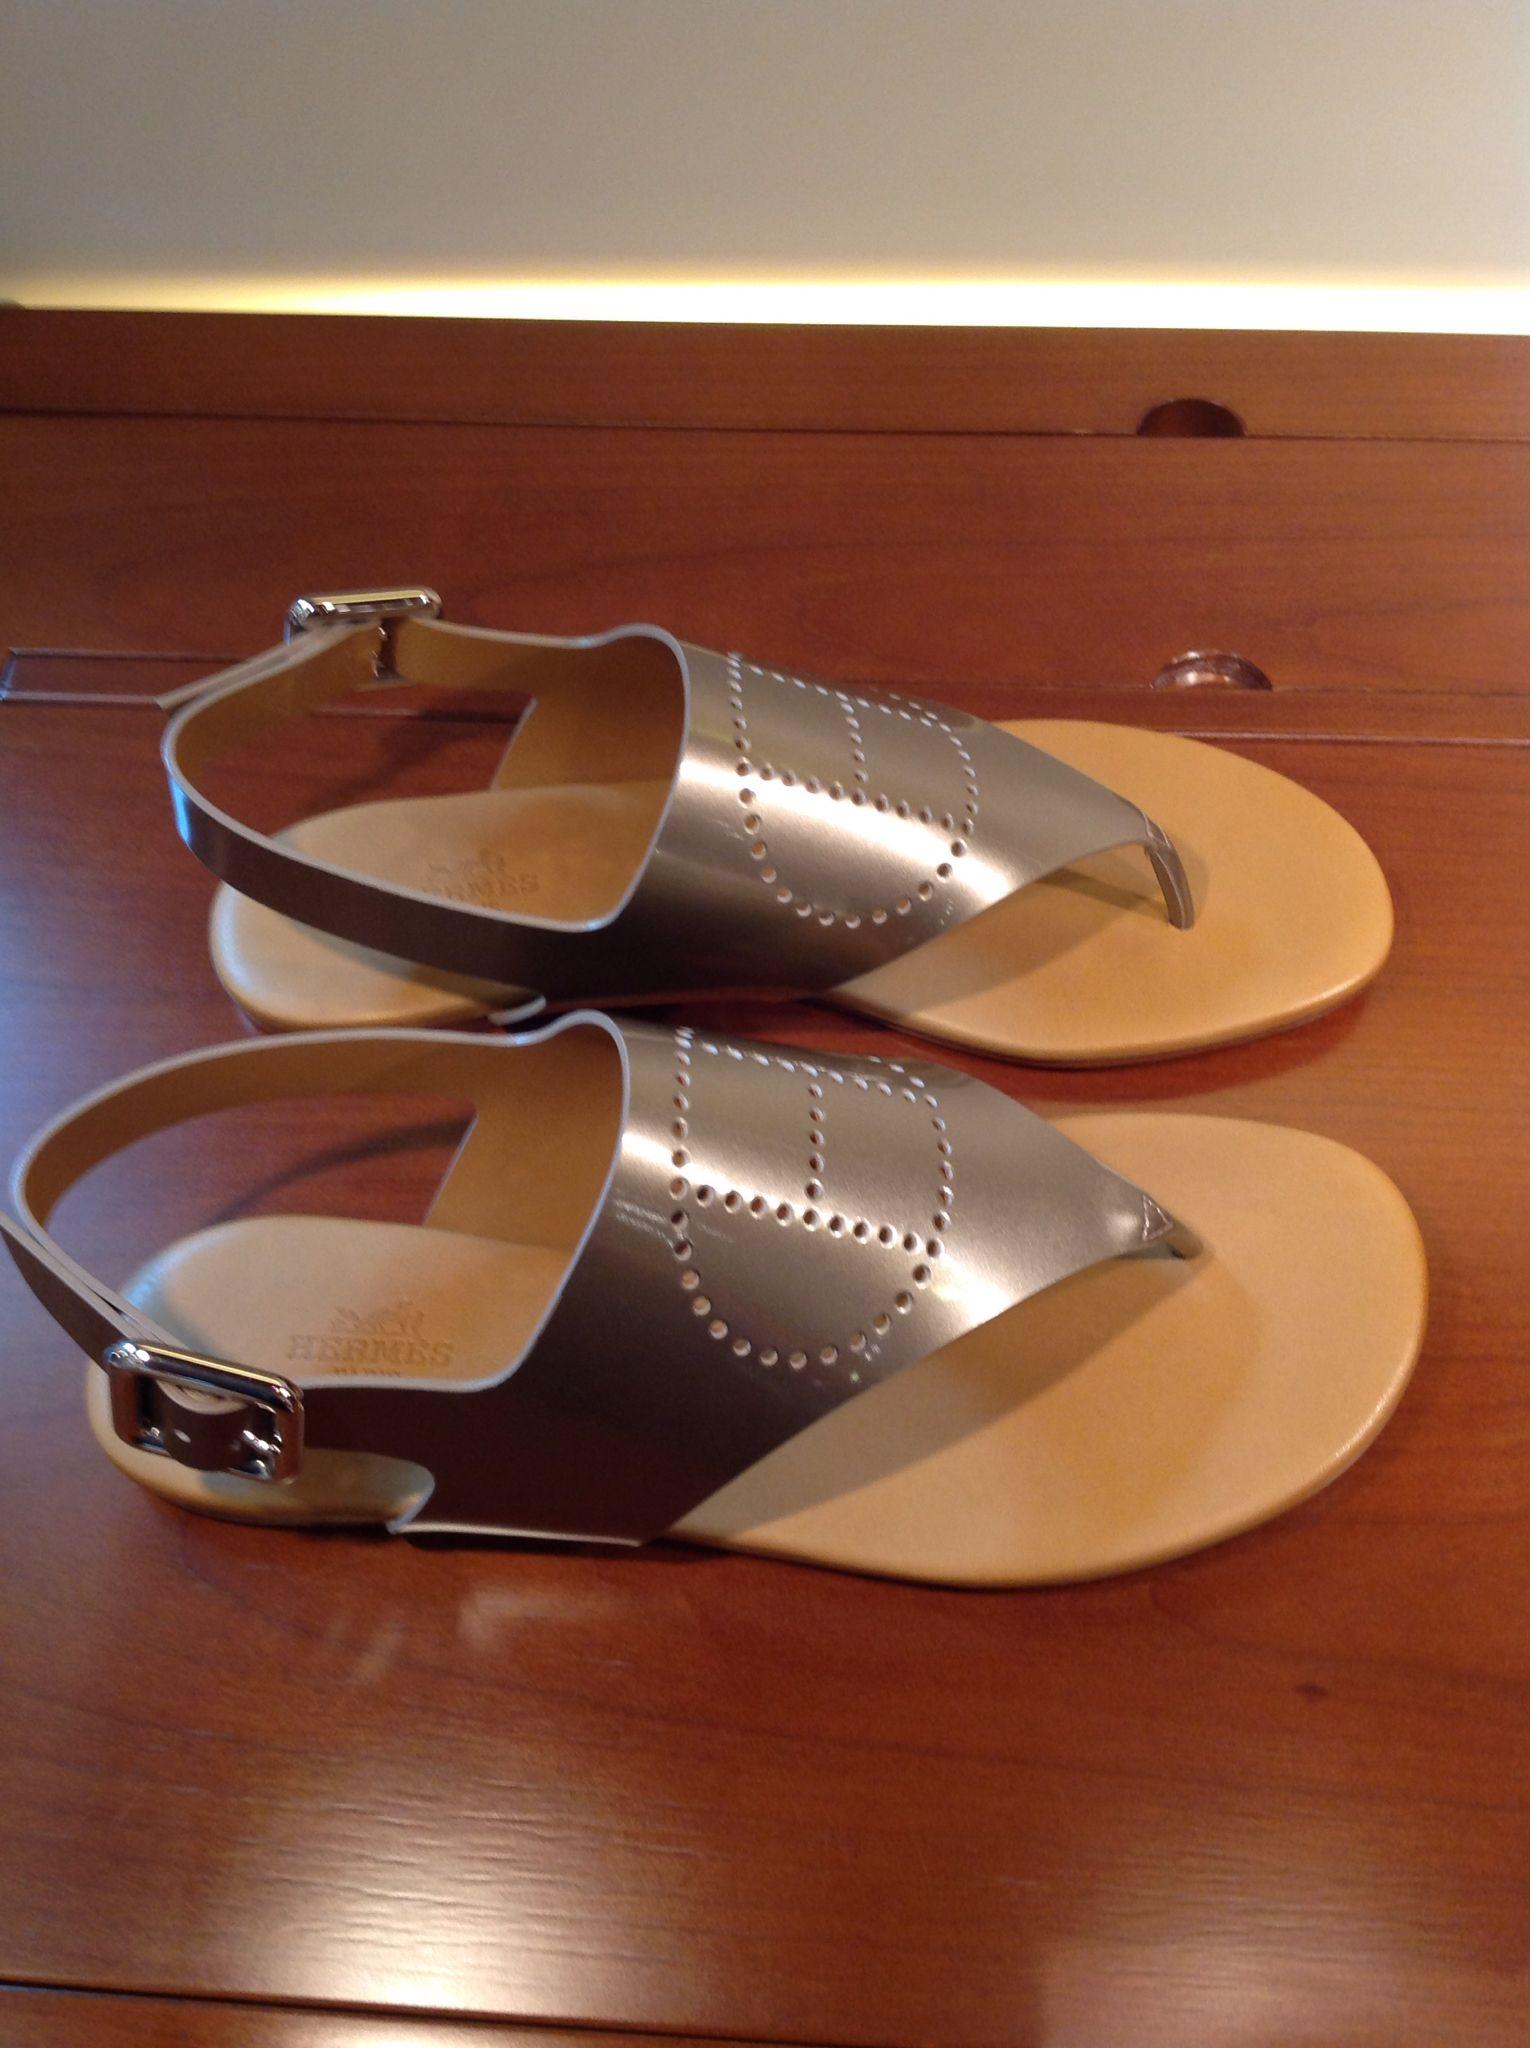 Hermes sandals dance shoes - Kola Hermes Sandals